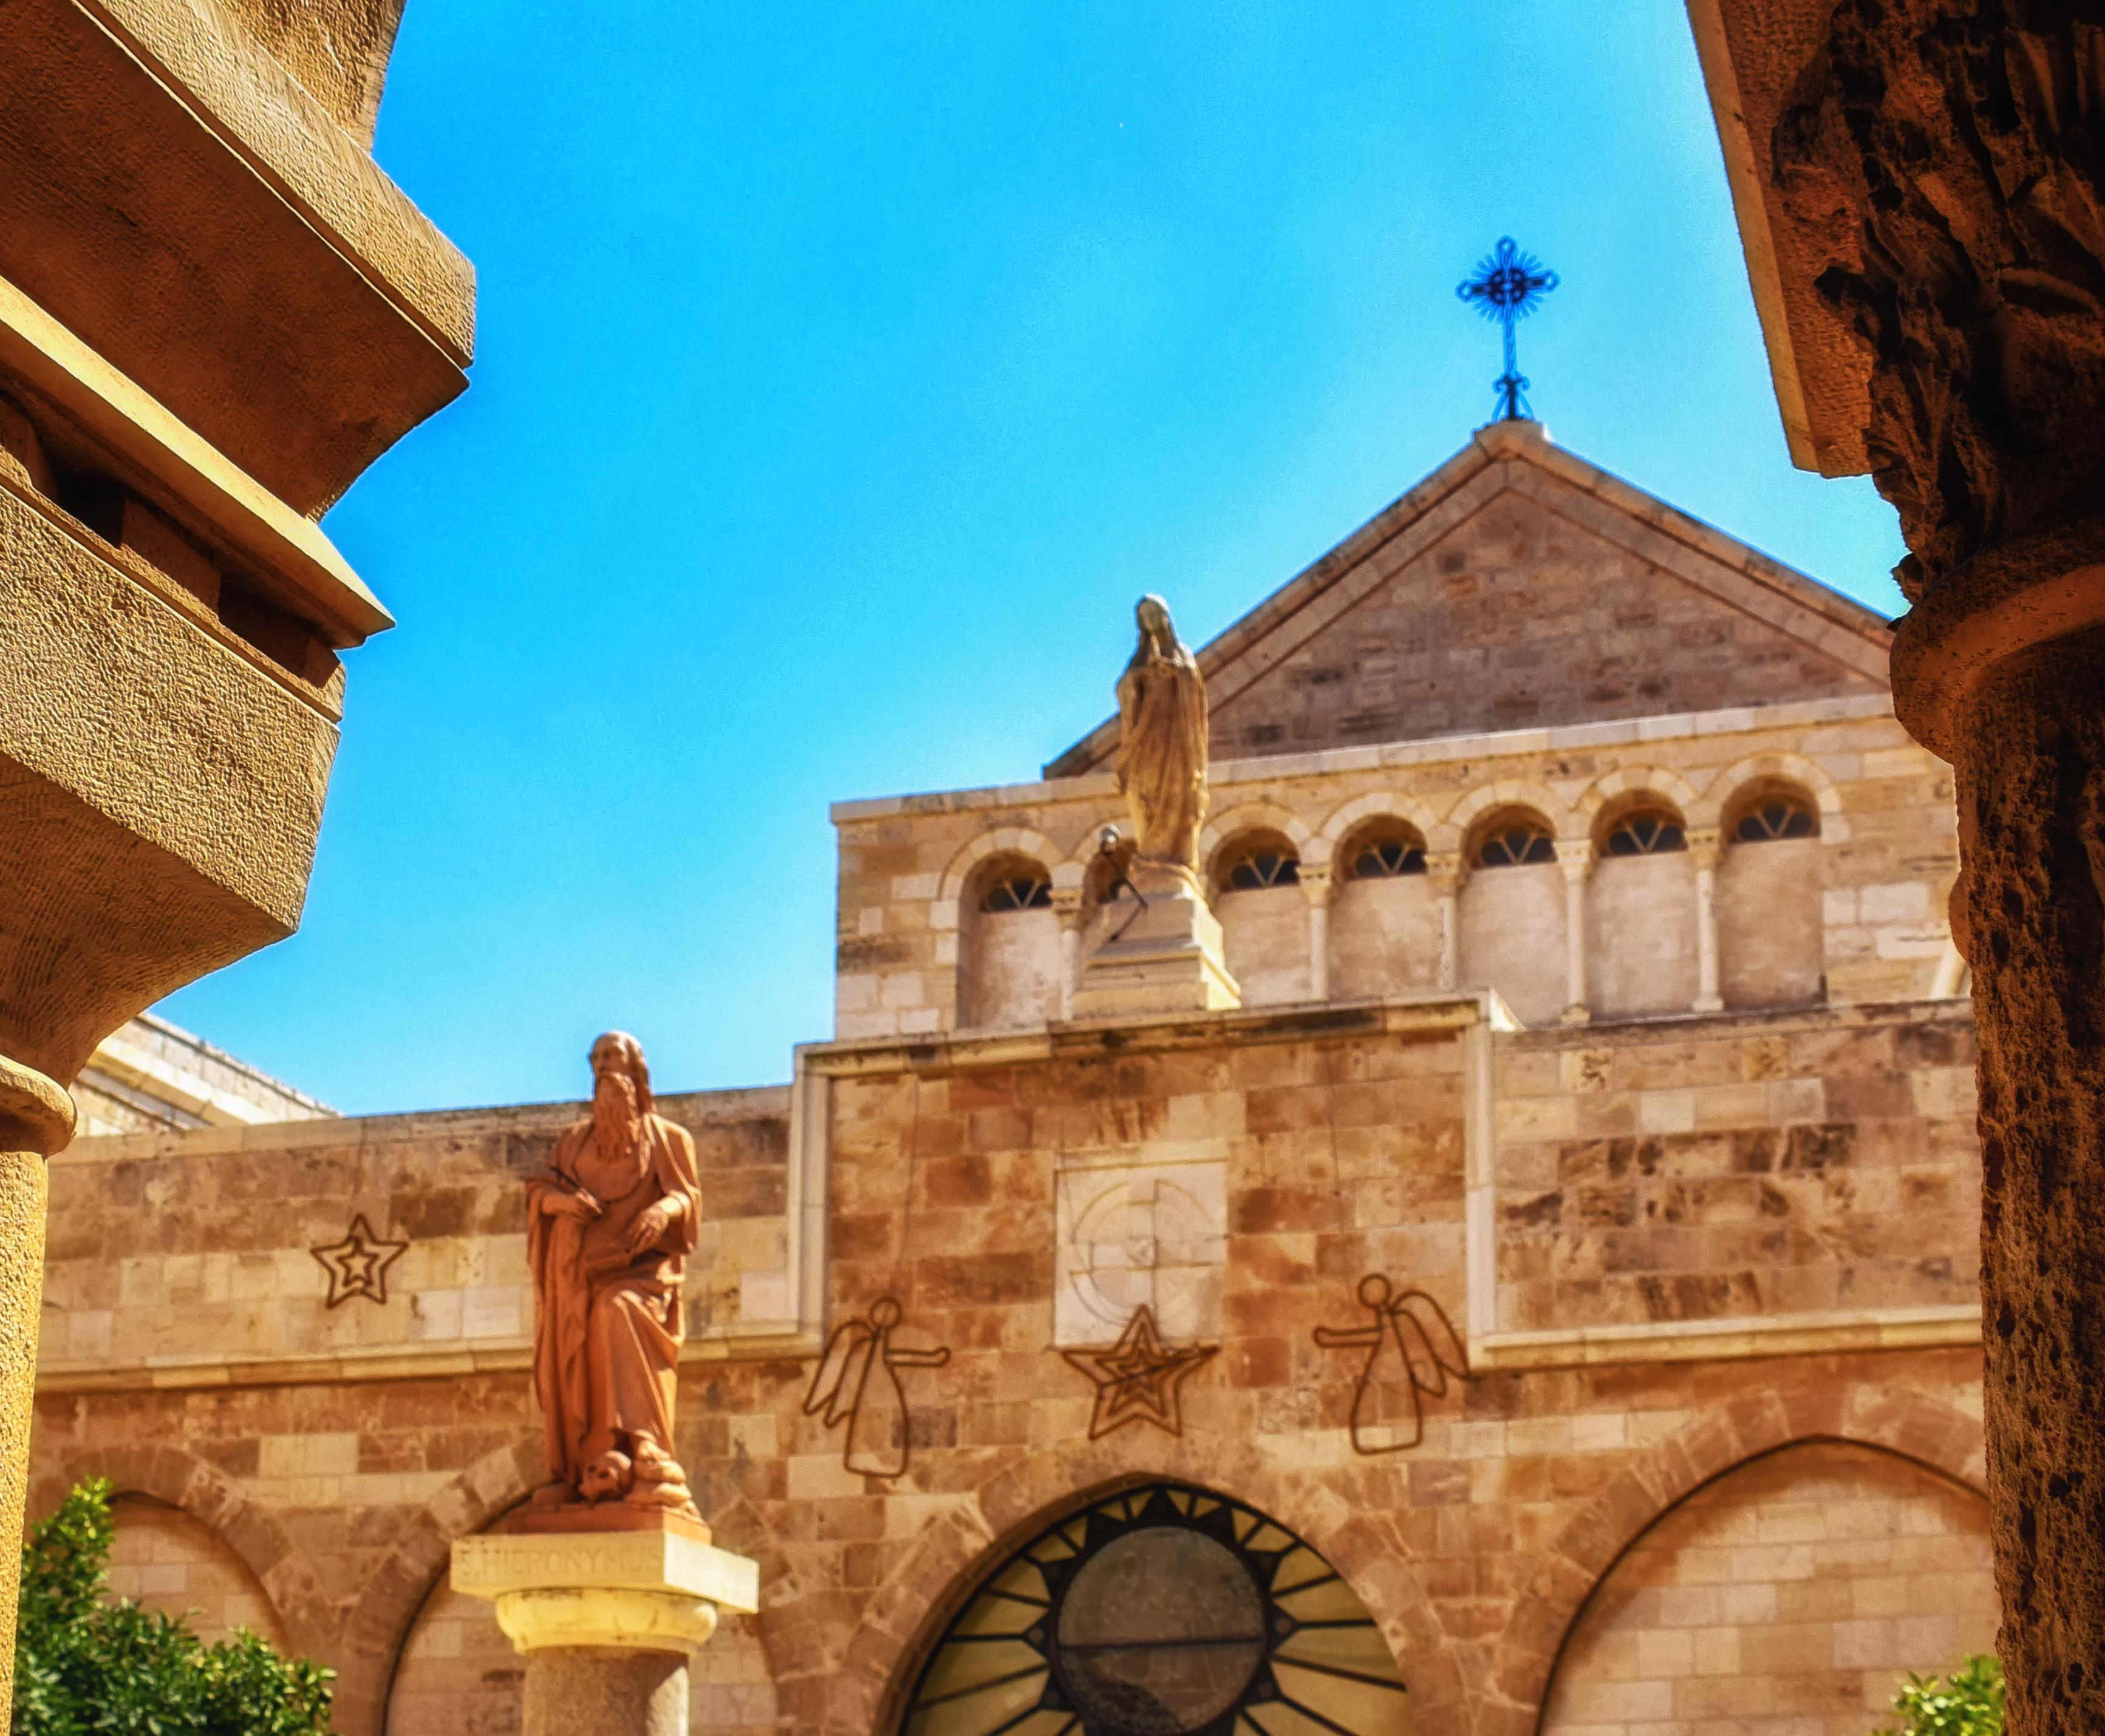 Visitar lugares bíblicos - Jordania Circuito Jordania e Israel: dos países, tres religiones